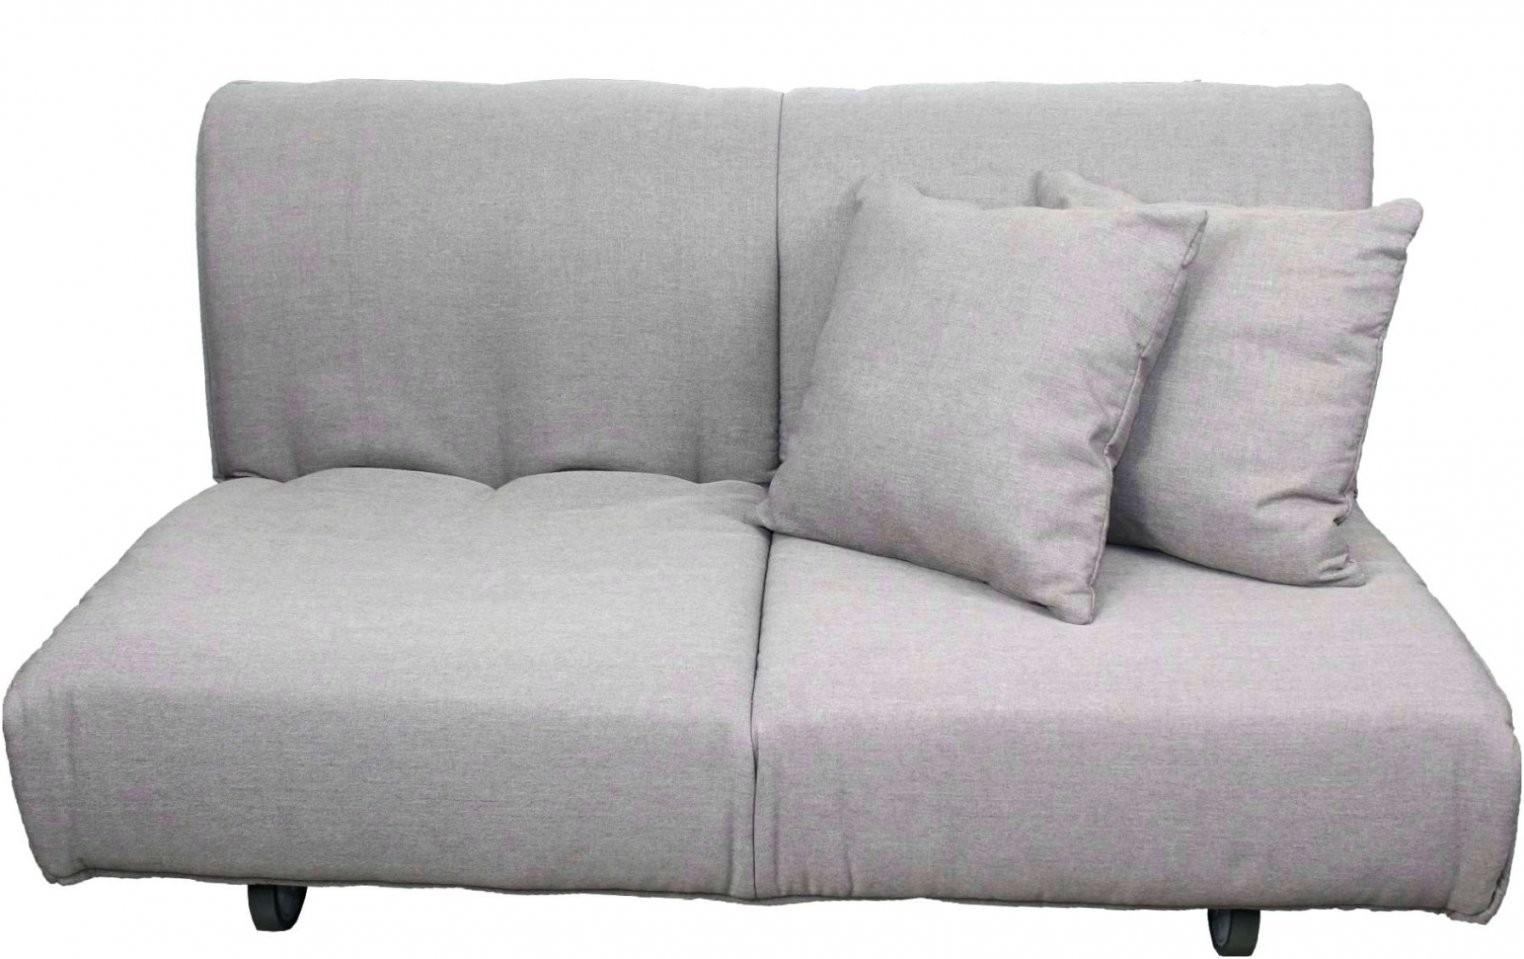 Sofa Bordeaux Beste Schlaf Recamiere 0D Sammlung – Schlafsofa Ideen von 2 Sitzer Sofa Mit Recamiere Bild